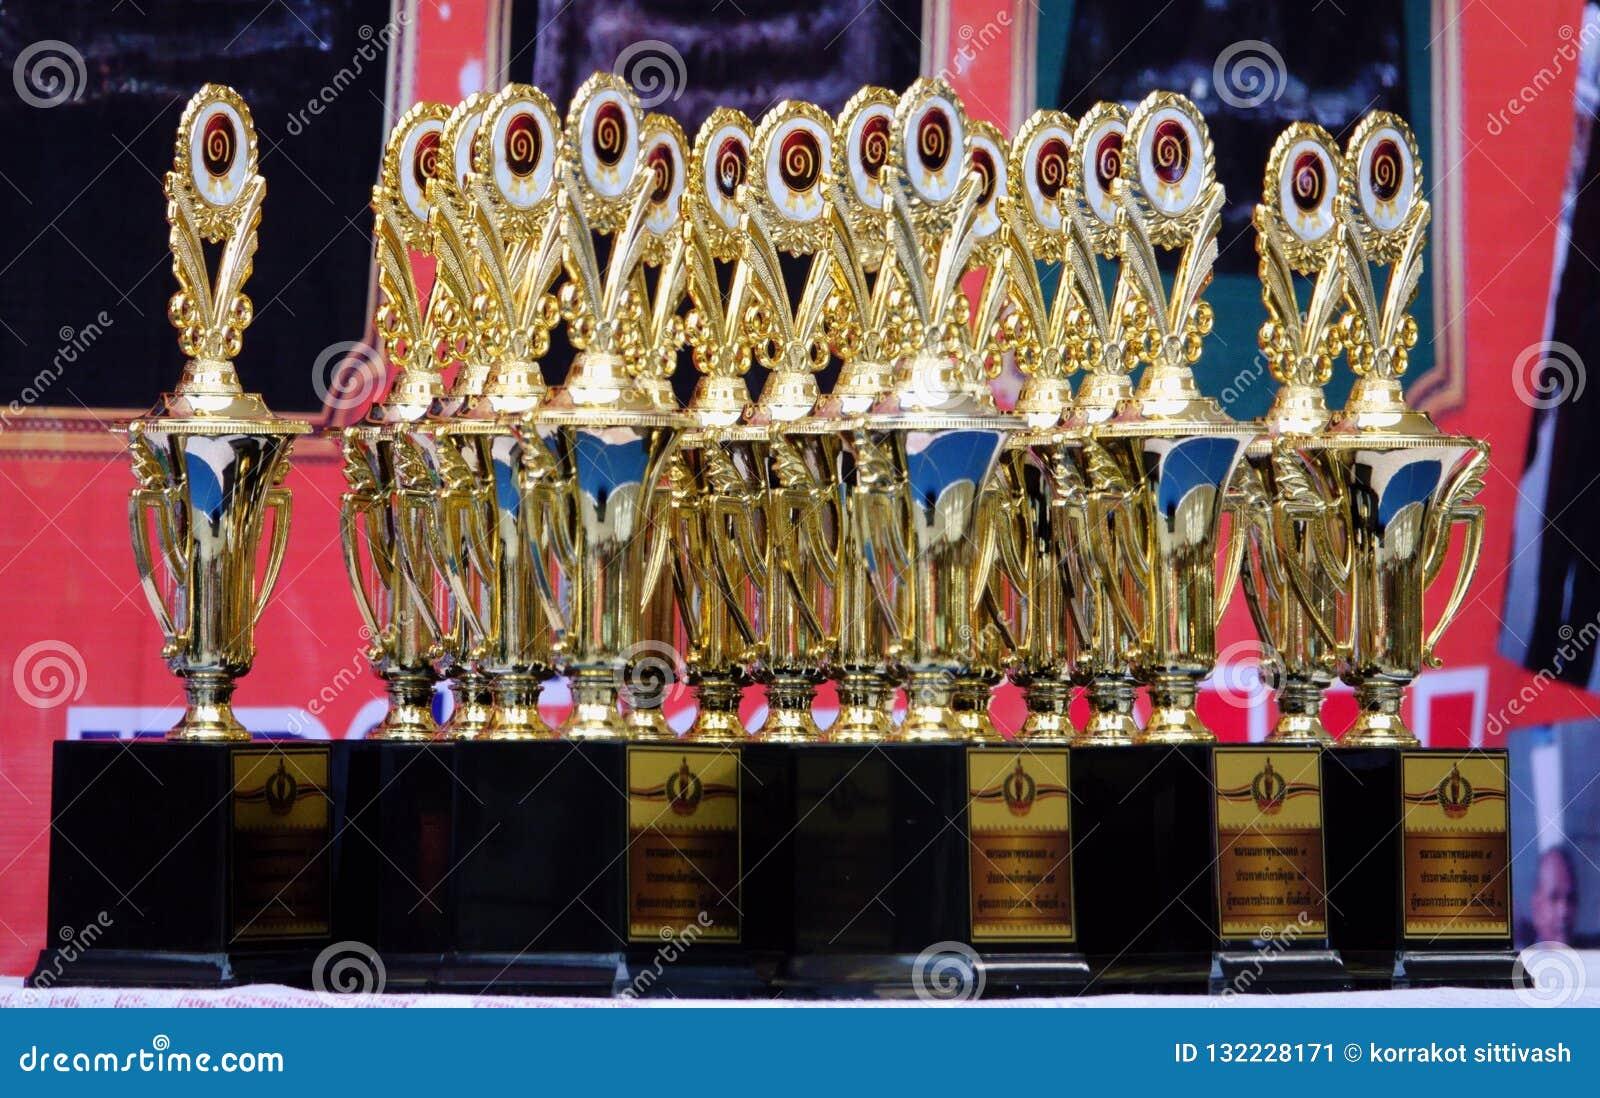 18-november-2018 LATKABANG TAILÂNDIA Troféu dourado Prepare para a pessoa talentoso e ganhe o trabalho